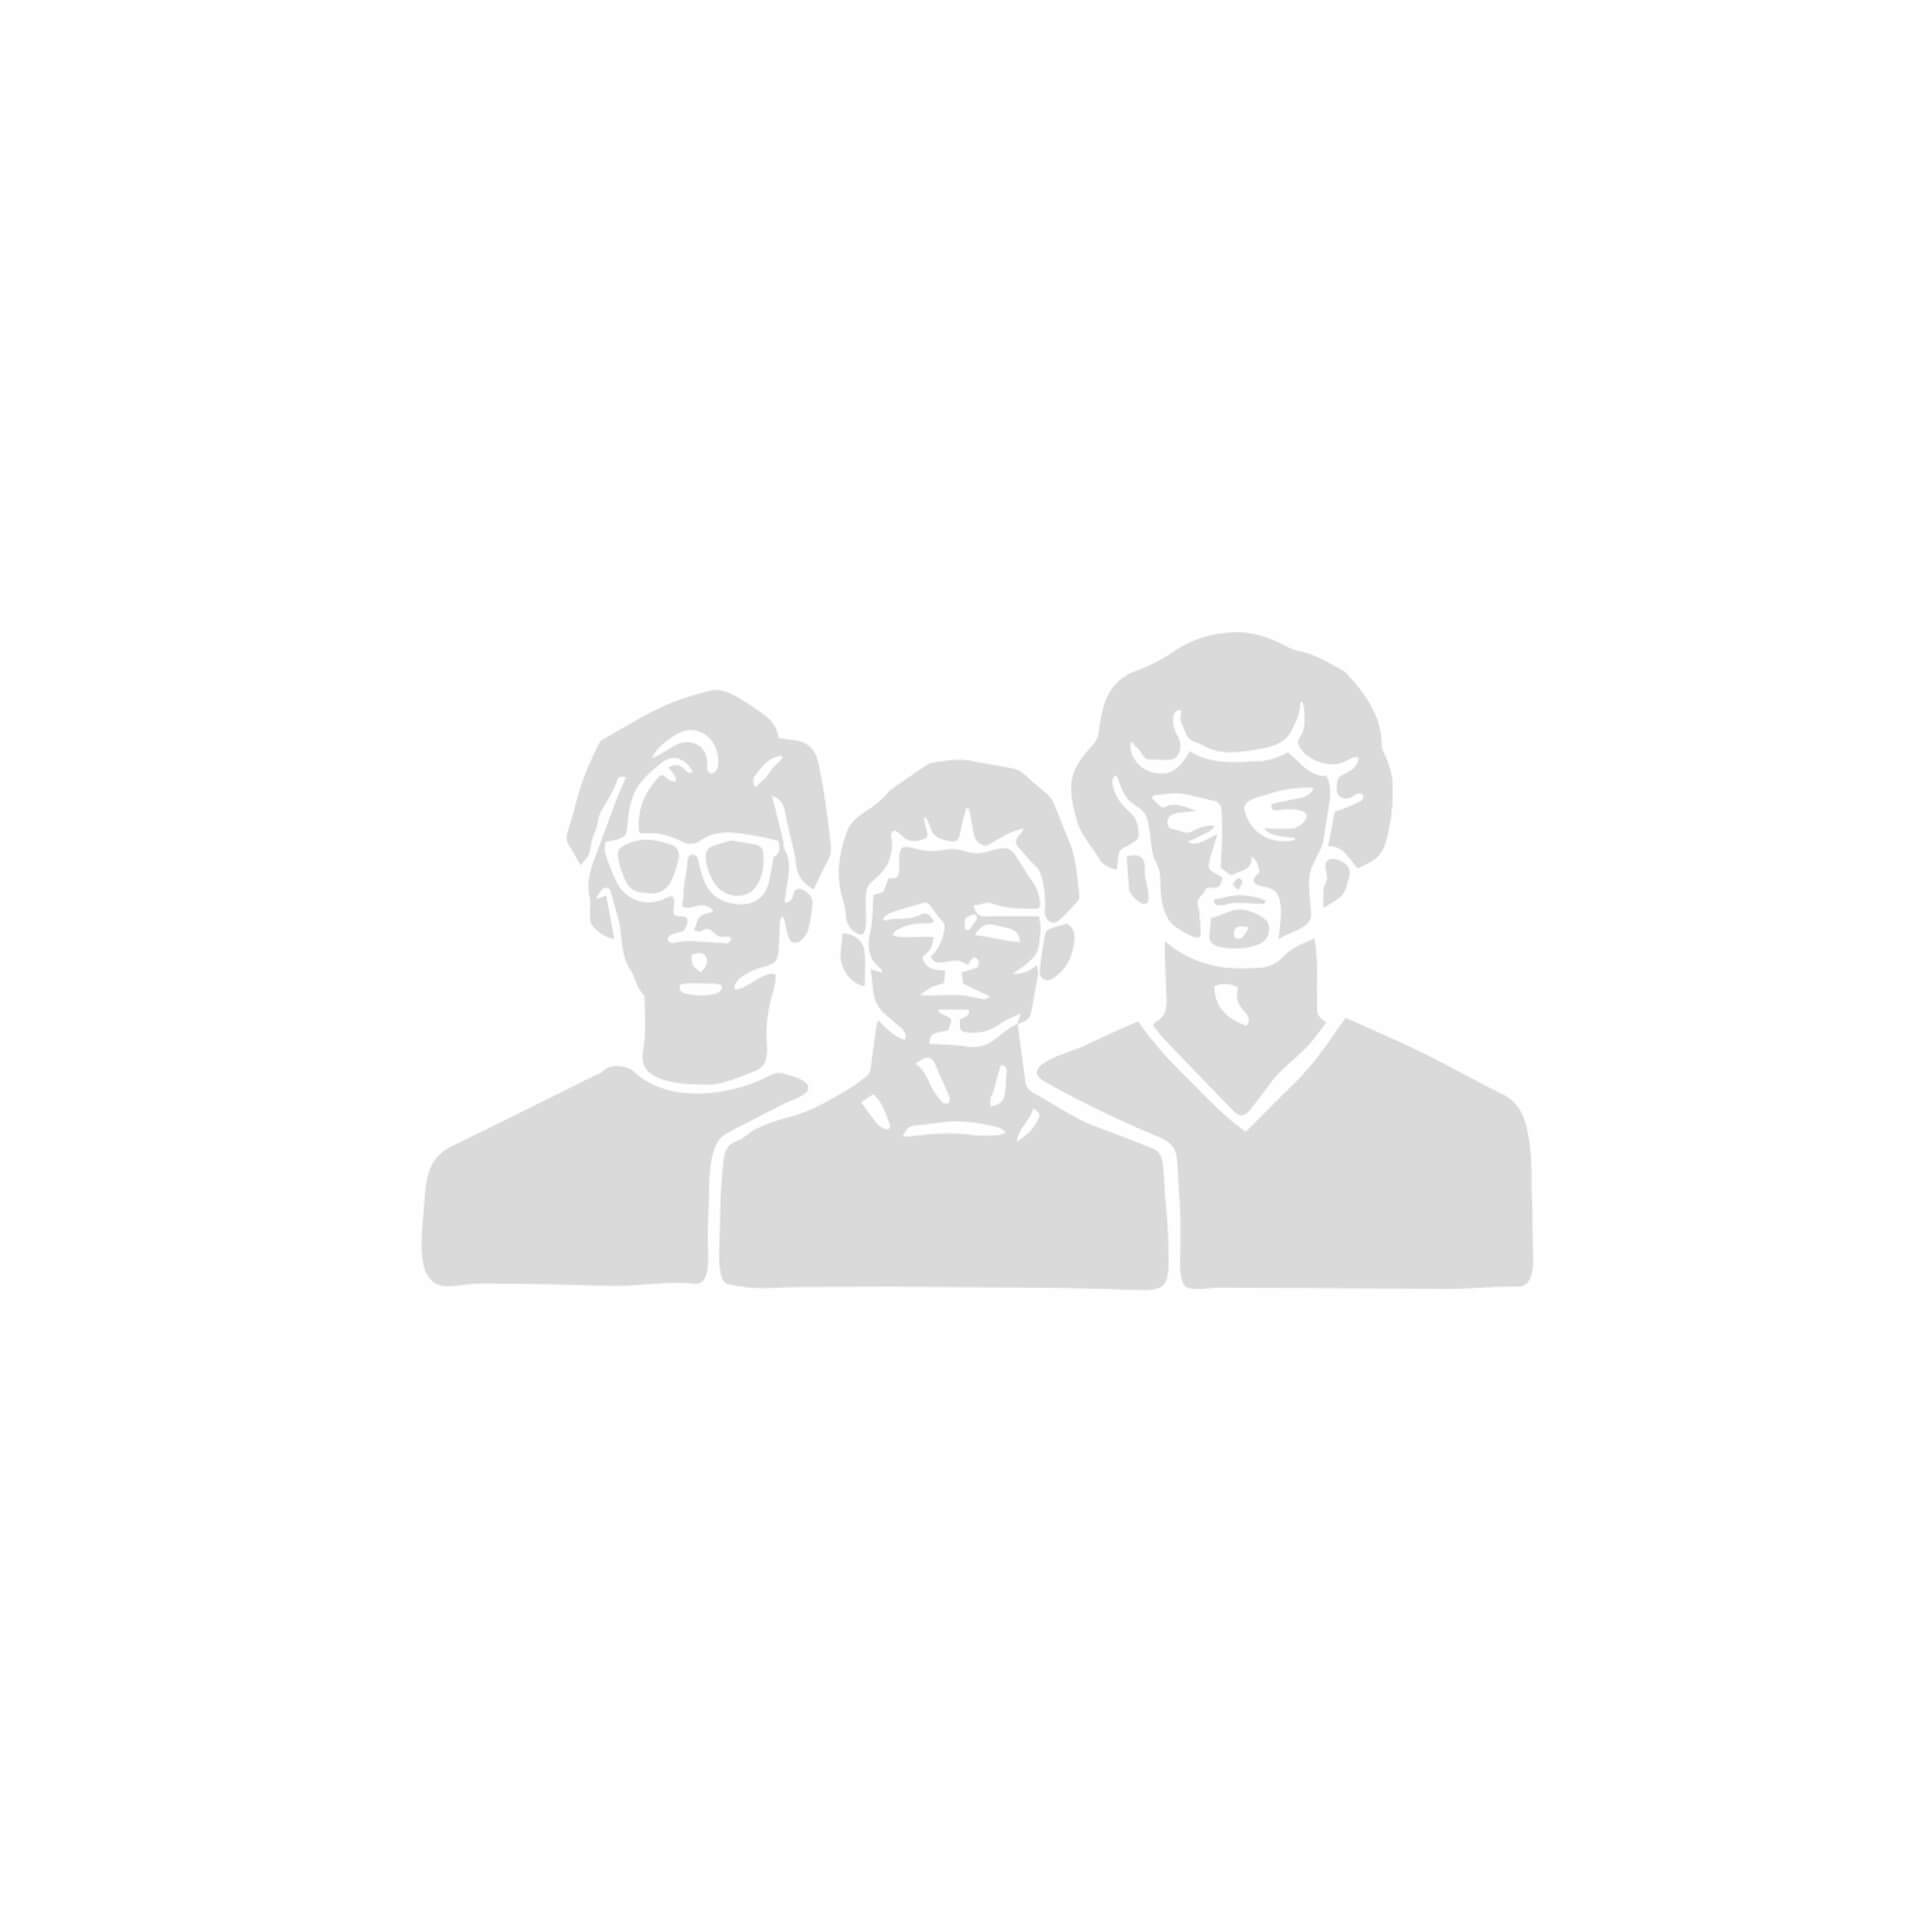 ペトロールズが約4年ぶりとなる2ndアルバム『GGKKNRSSSTW』を10月23日から一般流通開始 music191018-petrolz-1